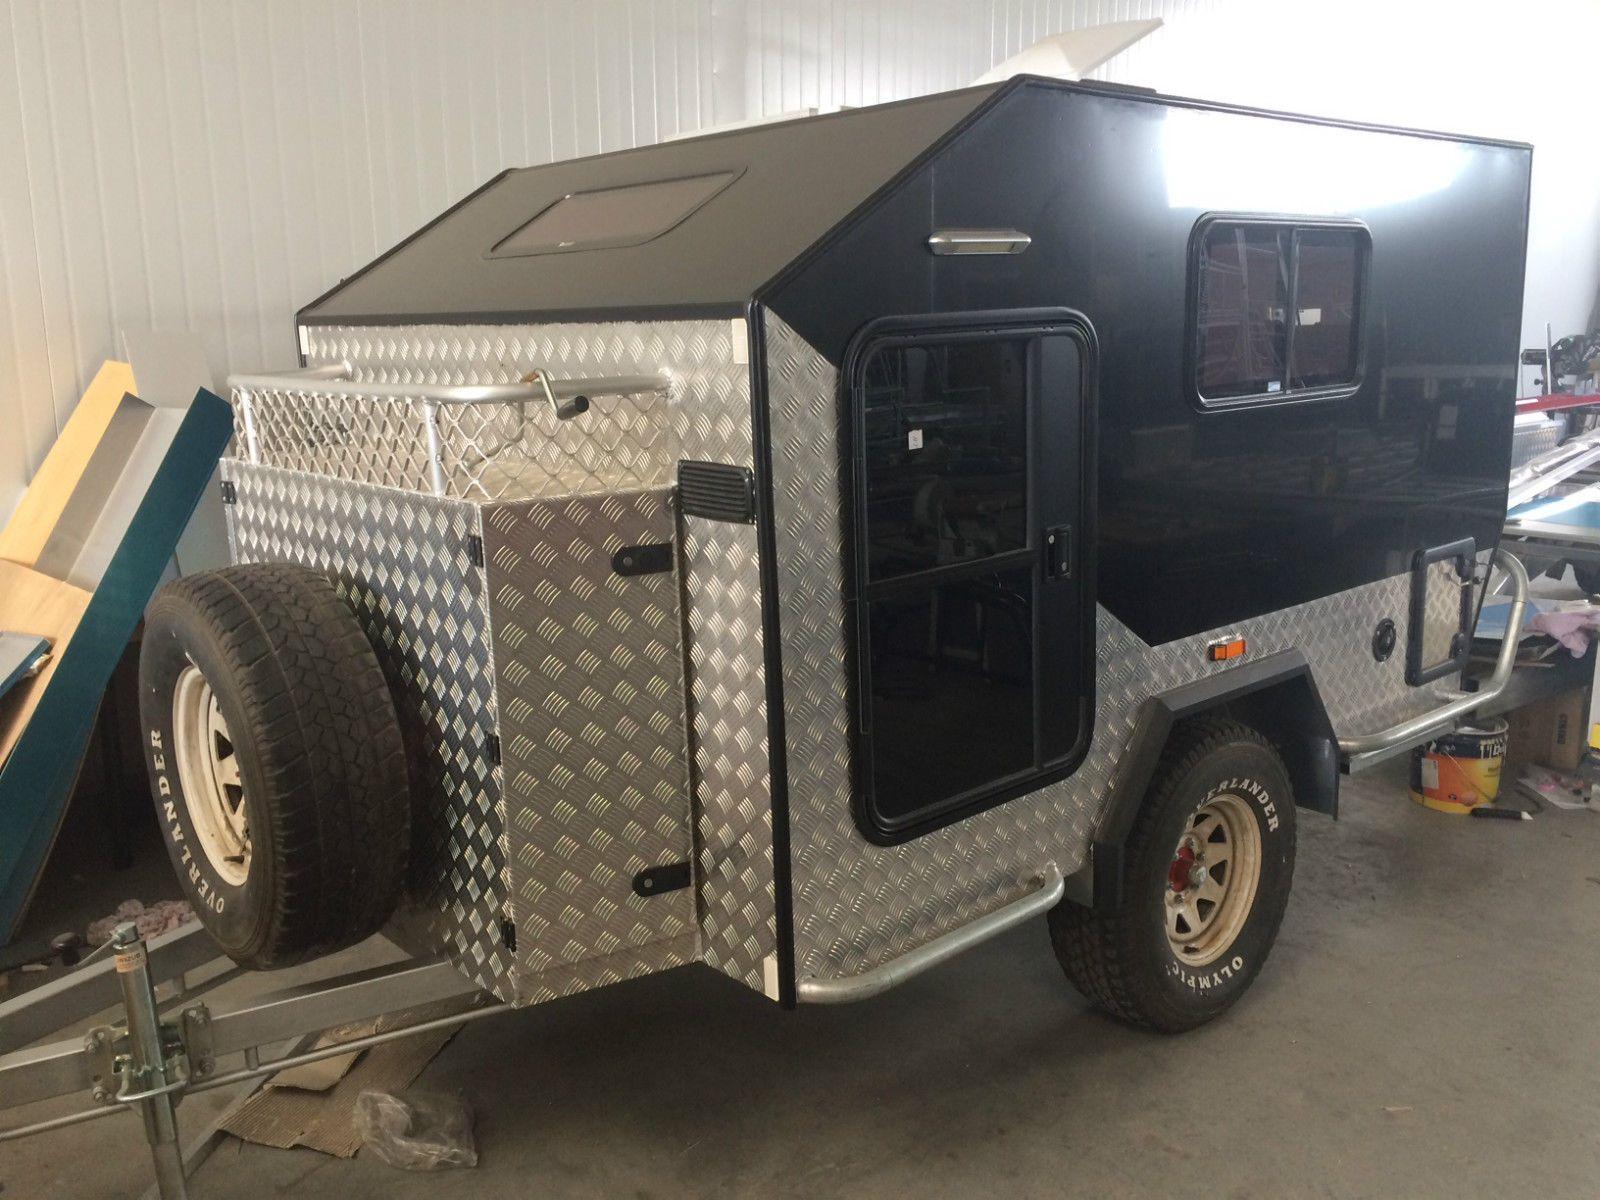 Offroad Camper Trailer Teardrop Camper Caravan in Lawnton